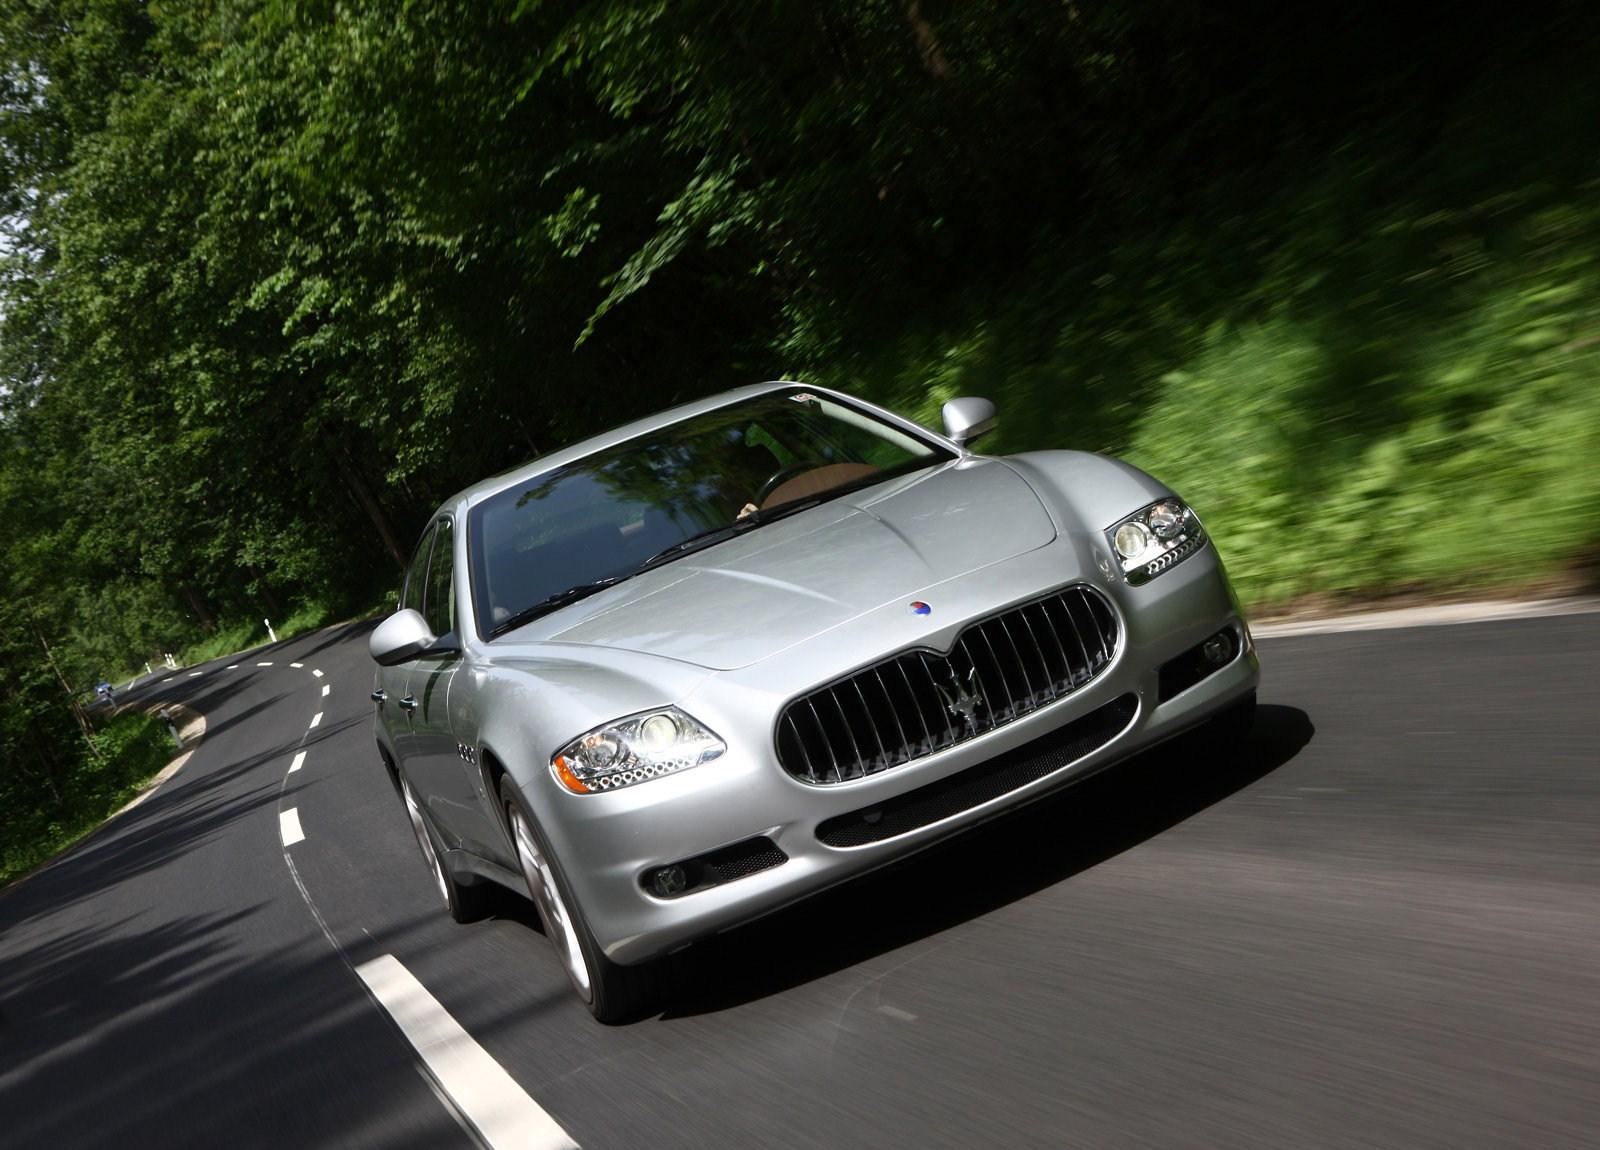 http://4.bp.blogspot.com/_sRGU_JXOz6E/TRz-tCuP0sI/AAAAAAAAA54/dcLXyvgx0tw/s1600/Maserati-Quattroporte_2009_1600x1200_wallpaper_05.jpg